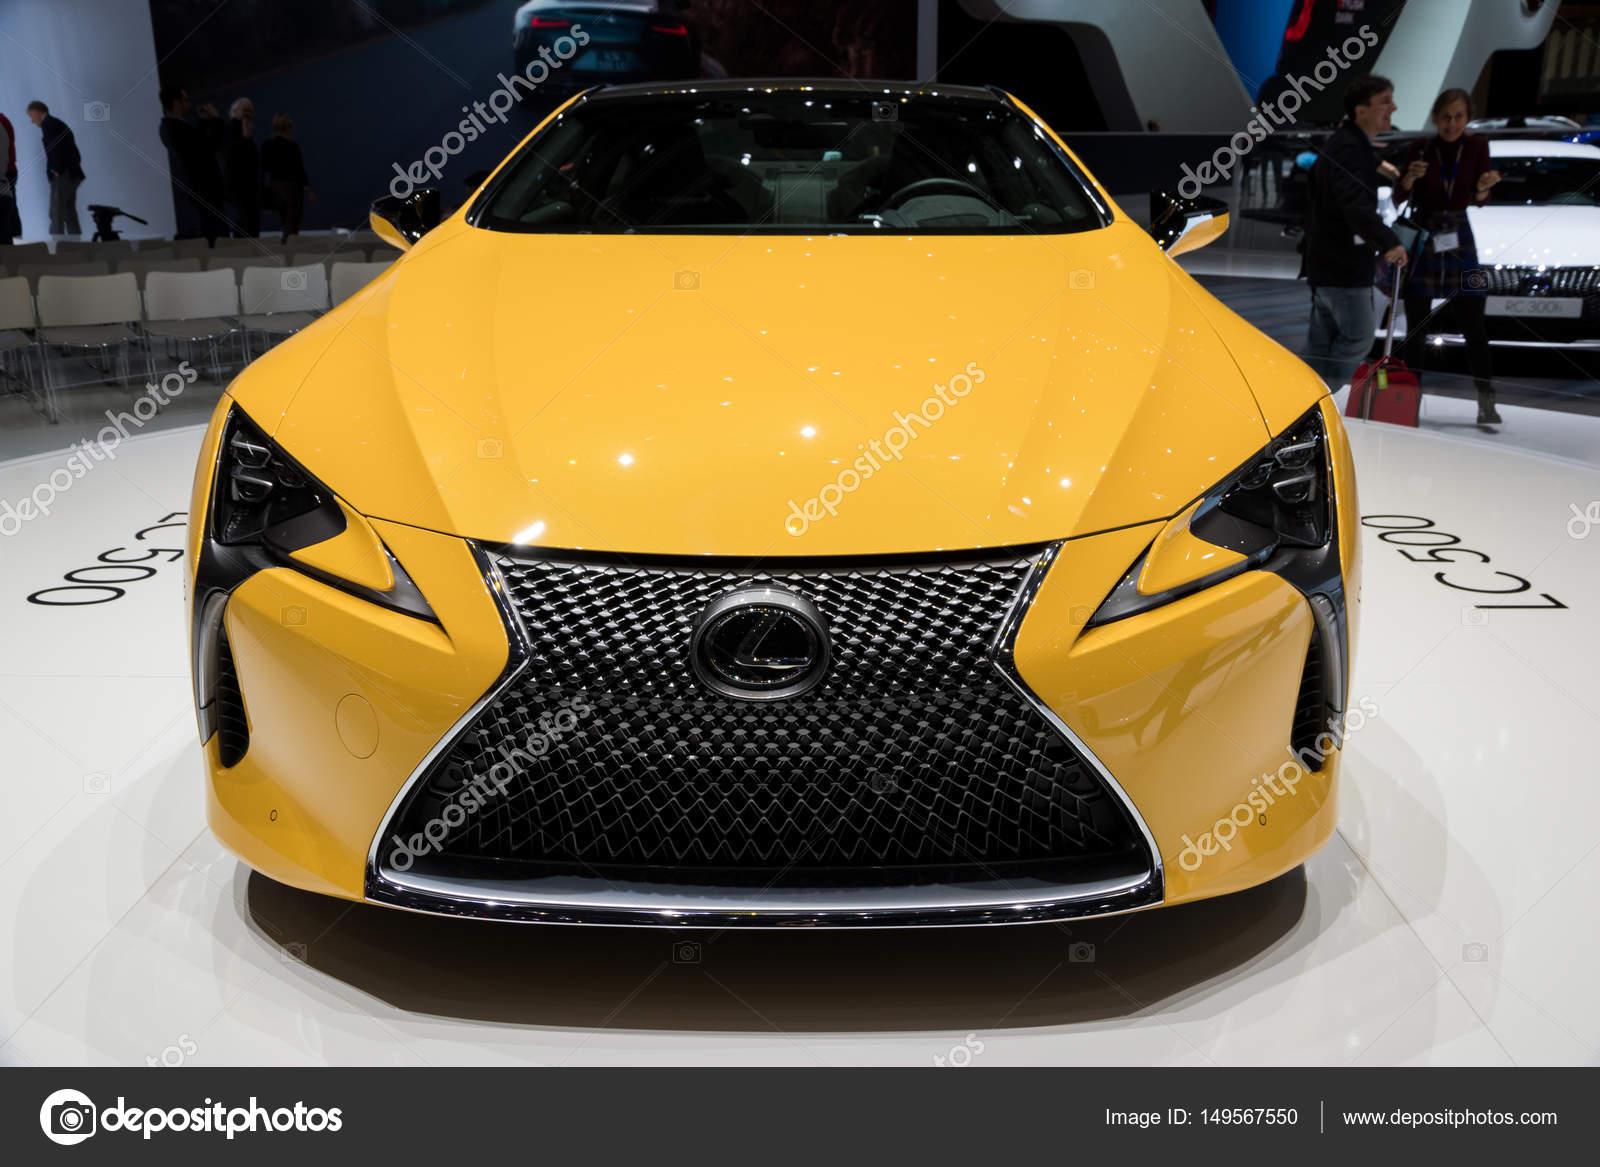 2018 Lexus Lc 500 Luxe Coupe Hybride Auto Redactionele Stockfoto